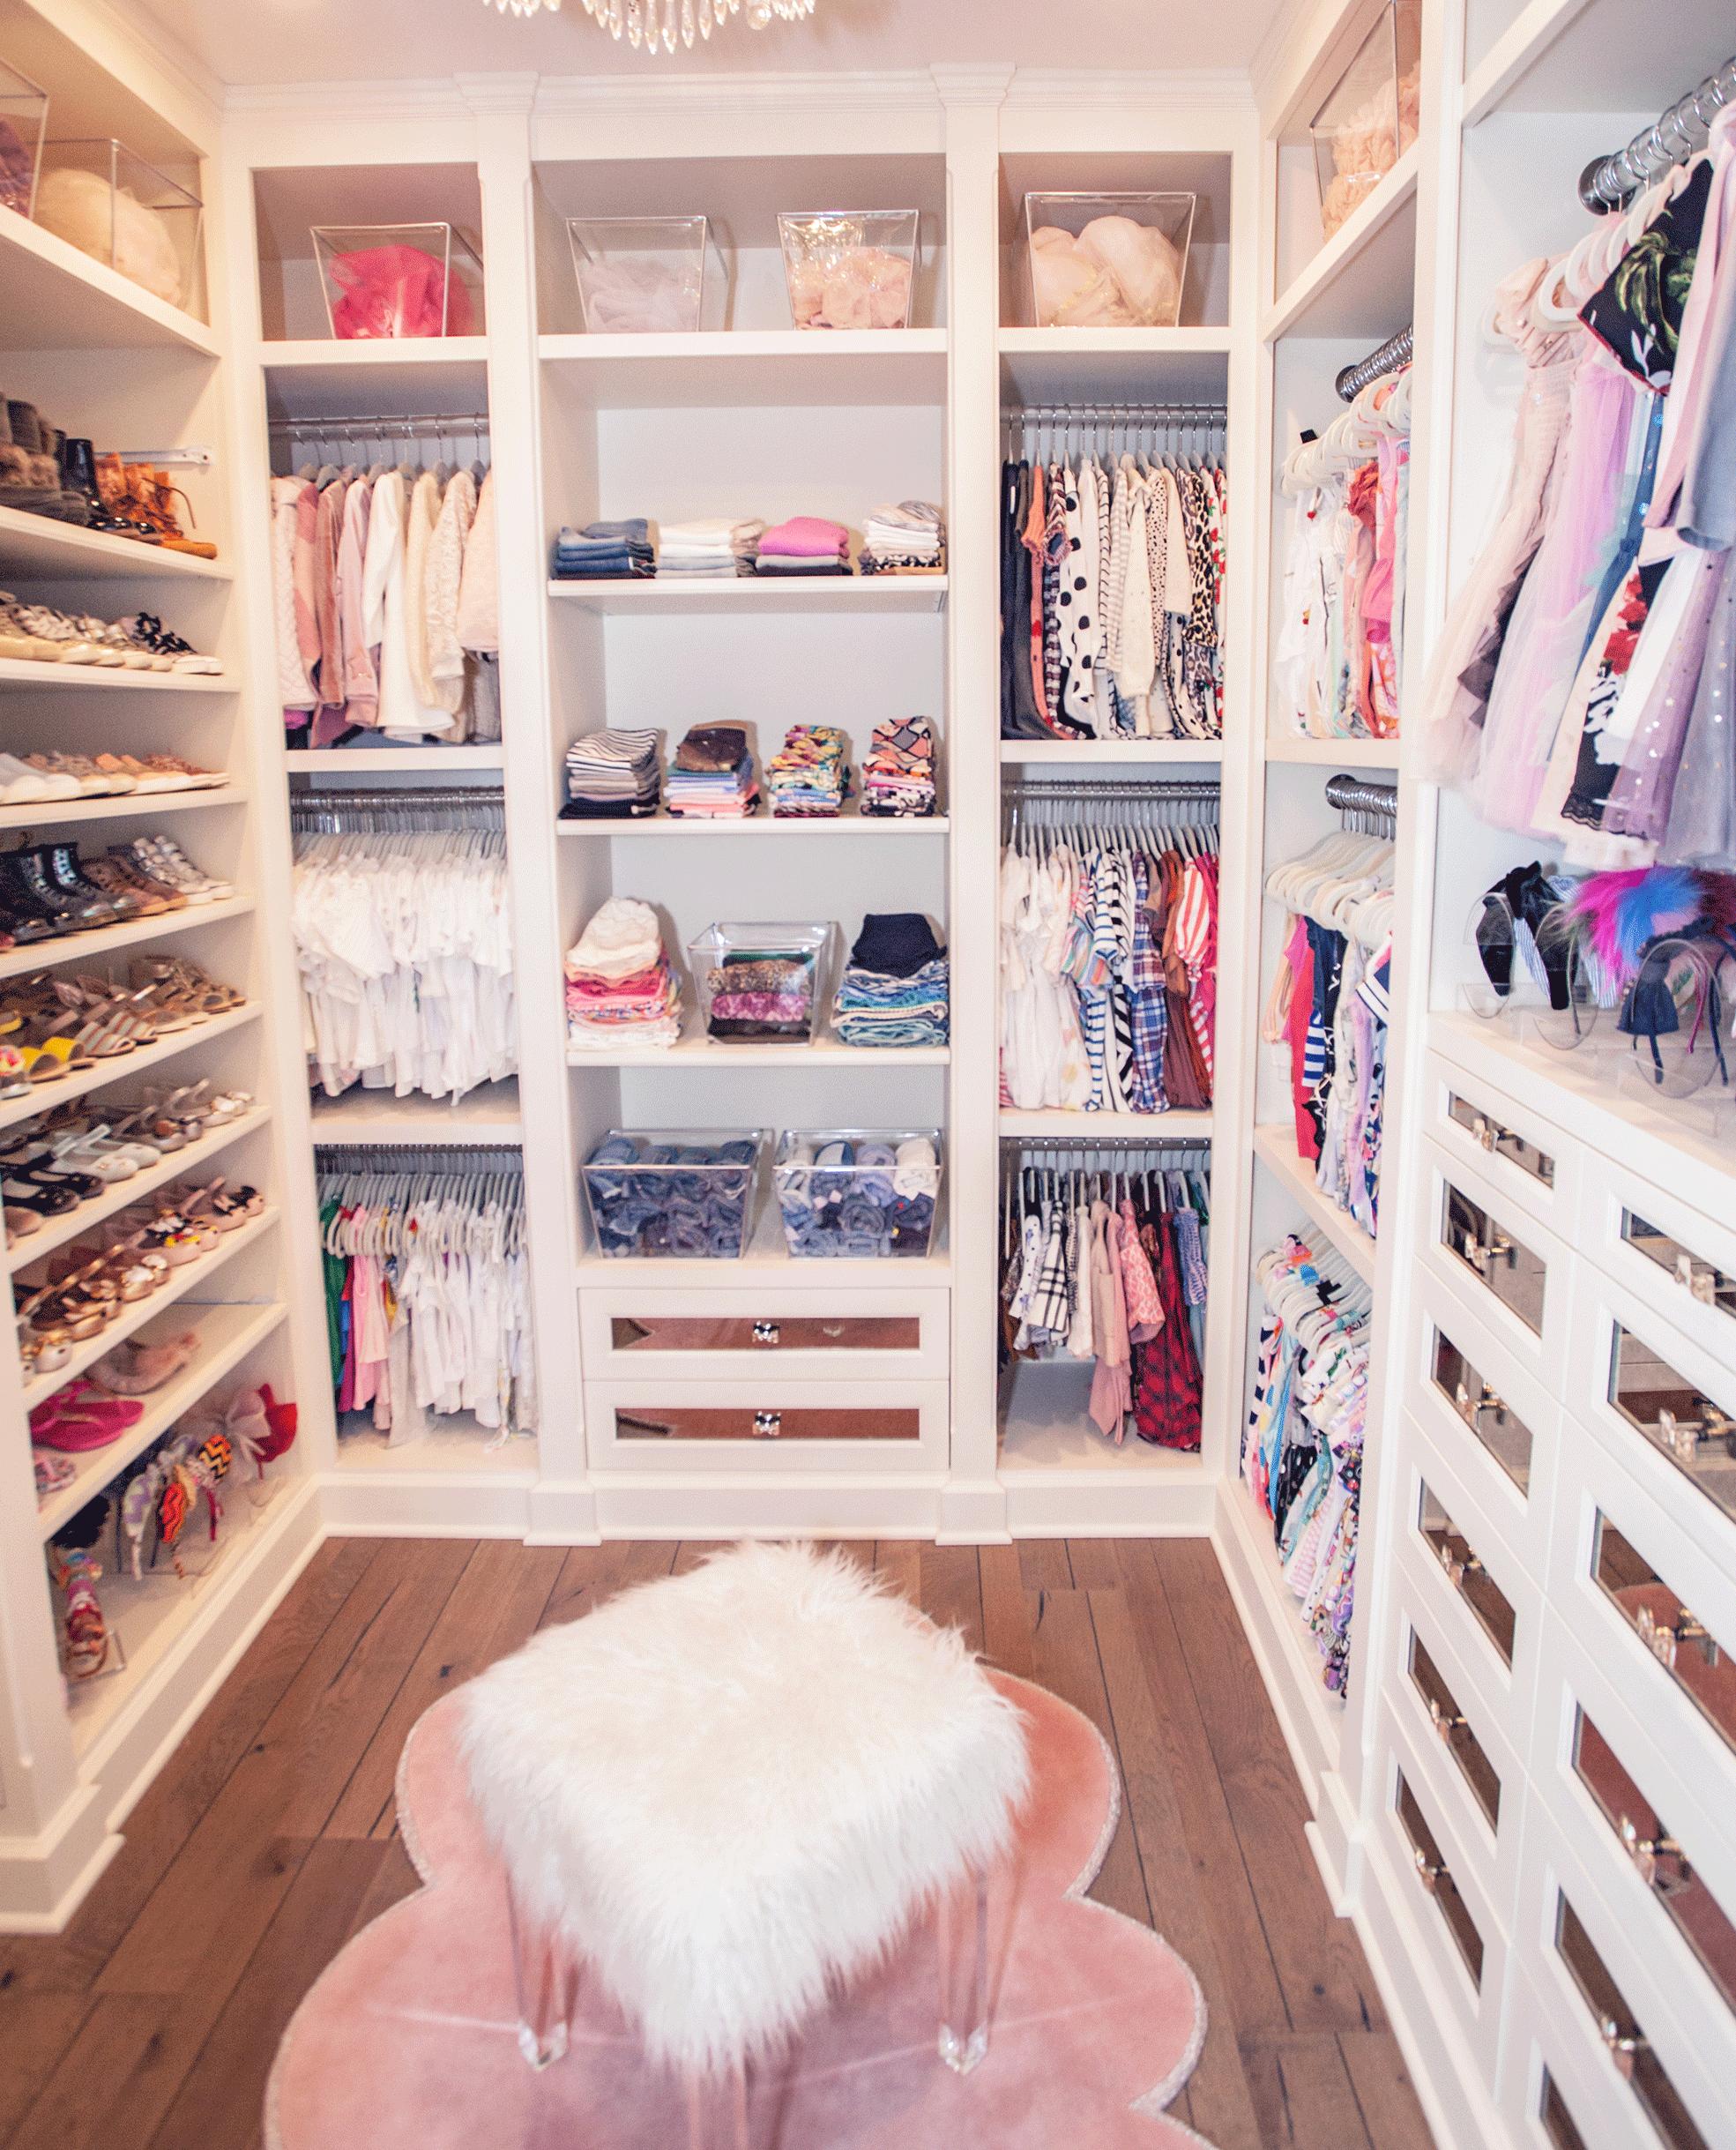 Dieses luxuriöse Mädchenzimmer wird dir ernsten Neid erwecken ... -  Dieses luxuriöse Mädchenzimmer wird Ihnen ernsthaften Raum-Neid erwecken #Badezimmer Luxuriöser  - #decorationforhome #dieses #dir #diyDreamhouse #diyhomecrafts #ernsten #erwecken #homediyorganizations #luxuriose #madchenzimmer #Neid #Rustichouse #wird